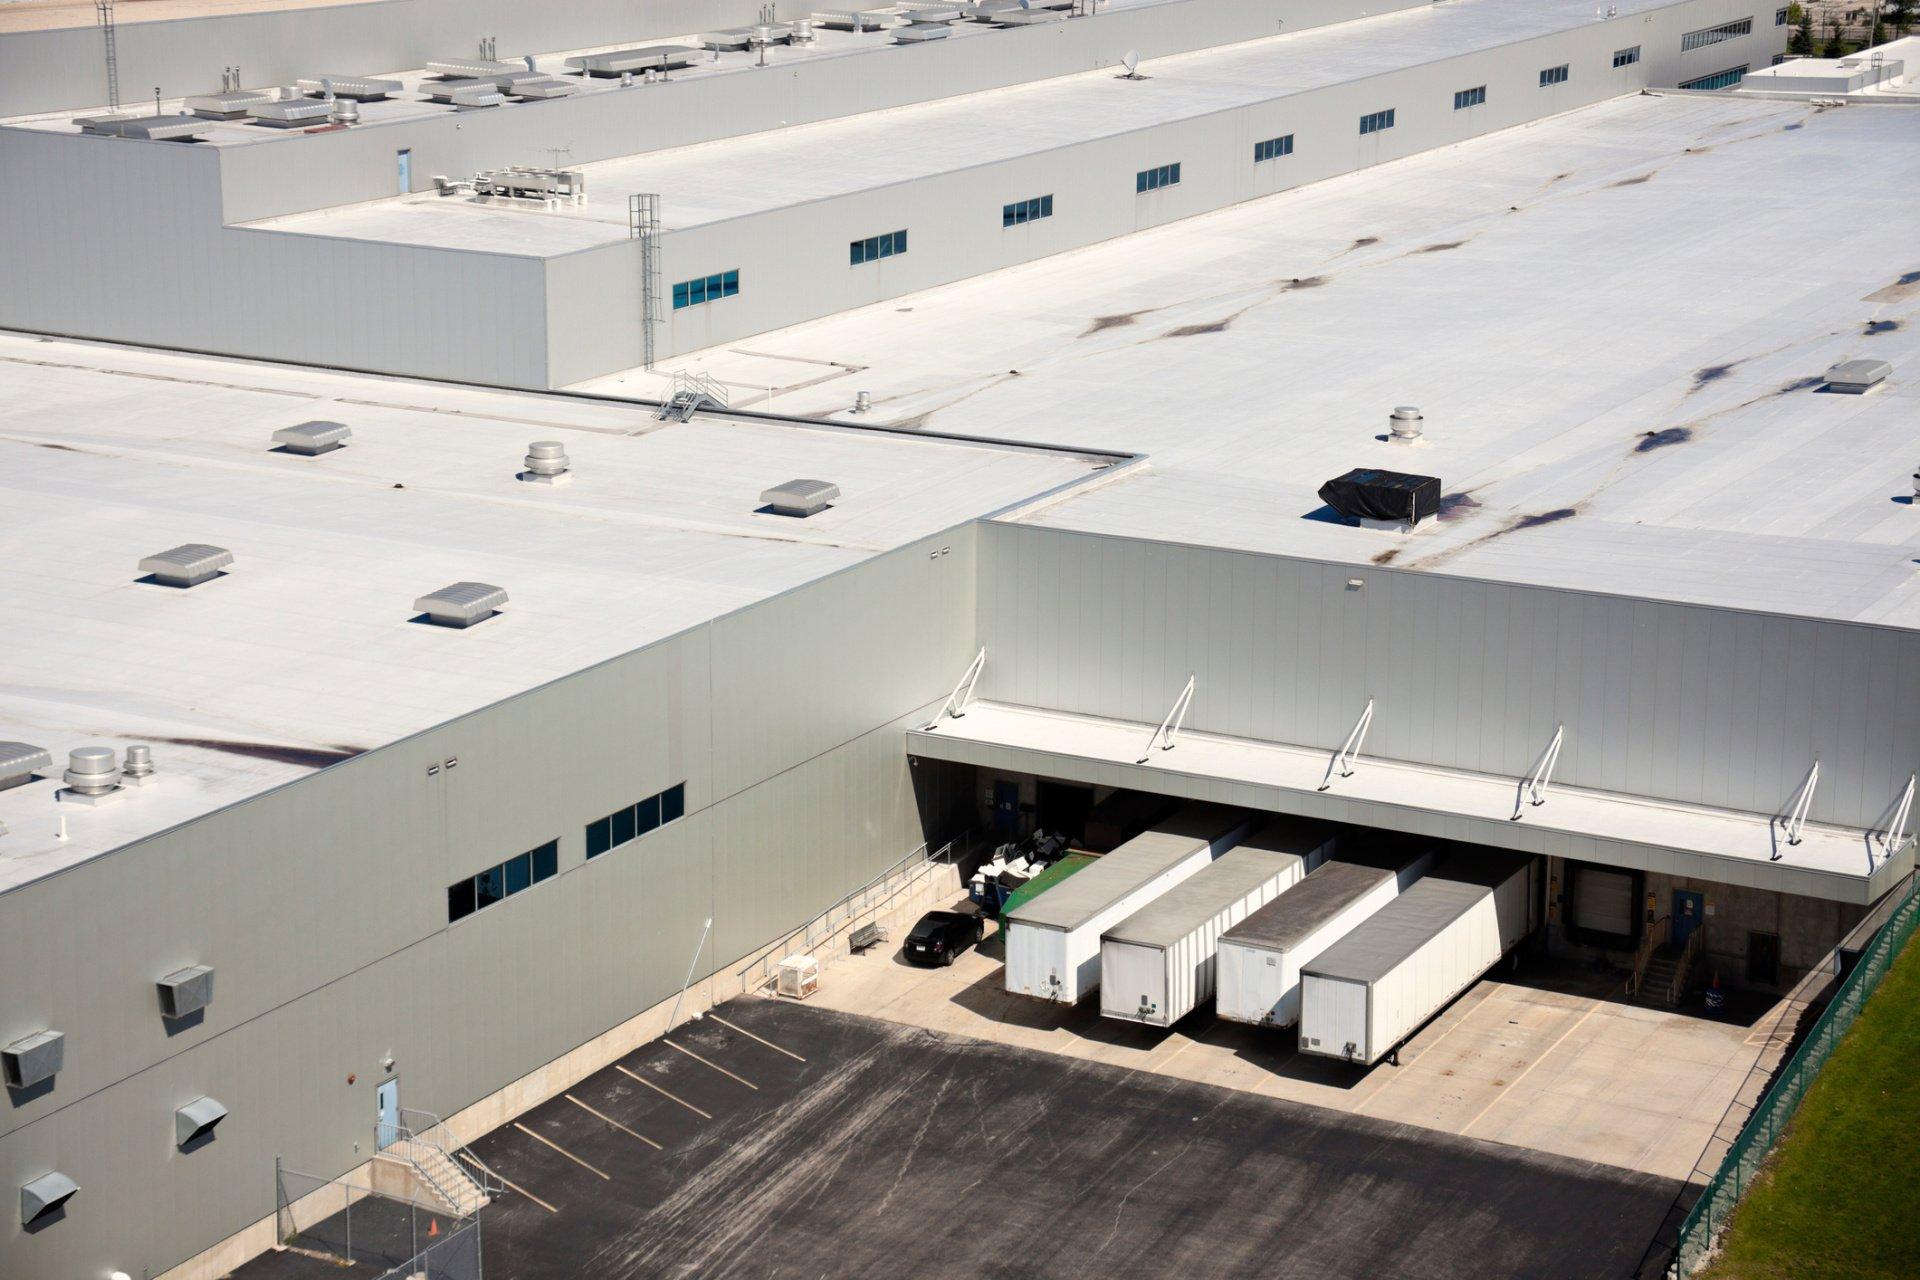 Commercial Roofing Contractors Meldrim Ga Michael S Roofing